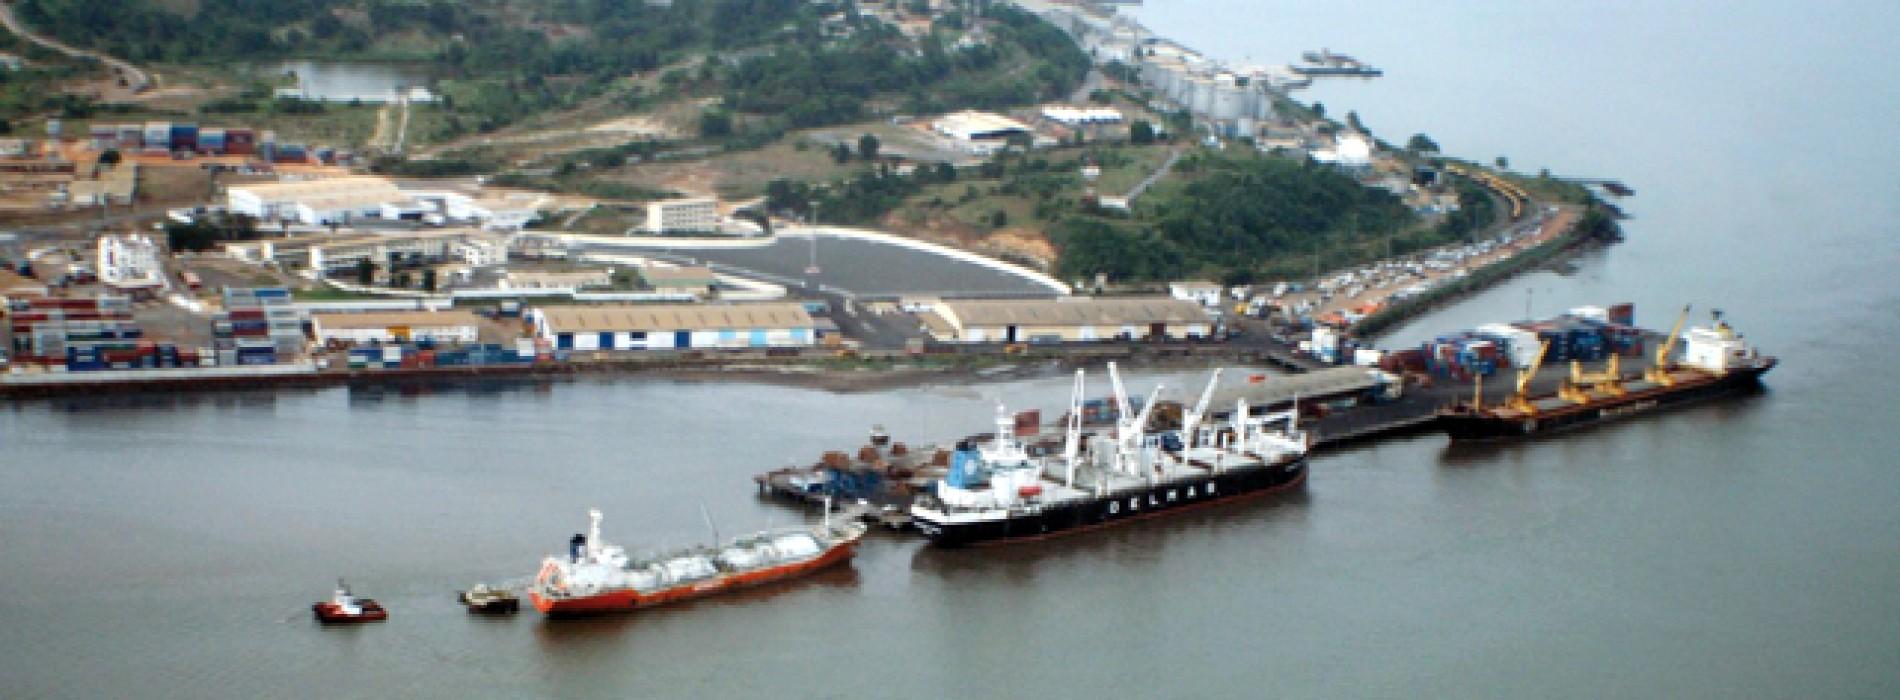 Gabon, 200 Milioni di dollari per un nuovo porto e autostrade